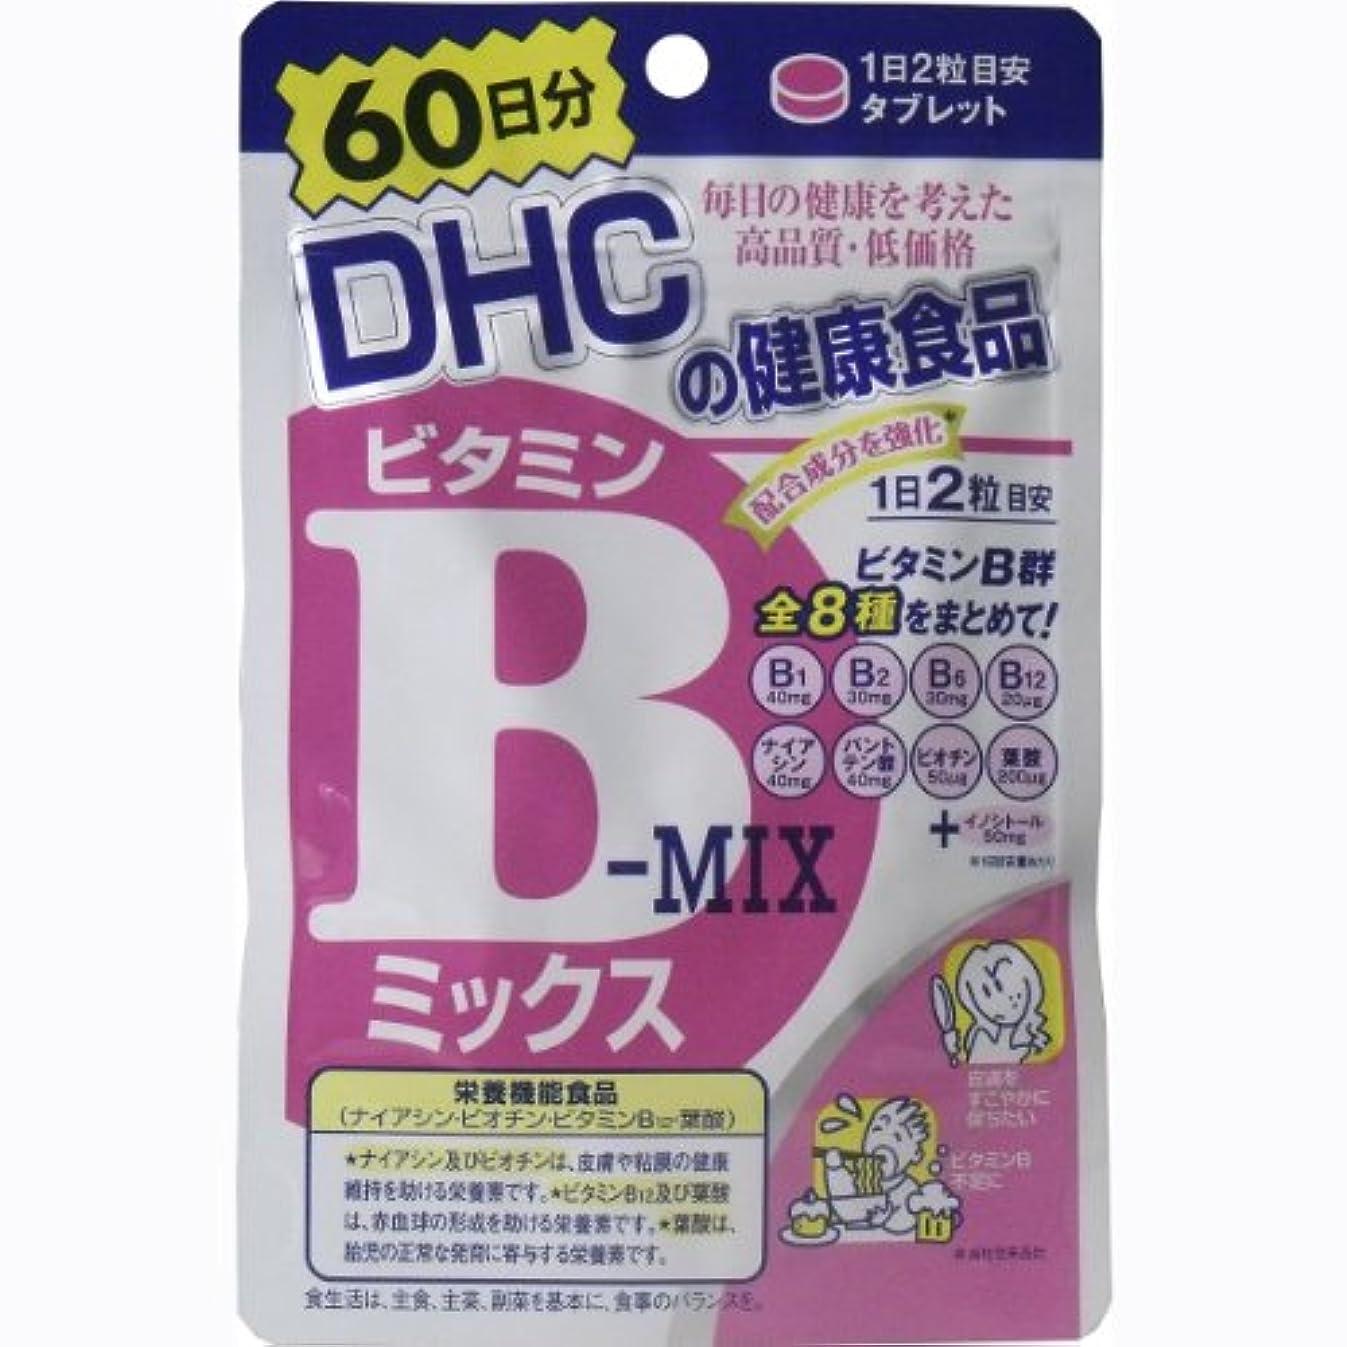 メイド外交論争の的DHC ビタミンBミックス 120粒 60日分【4個セット】